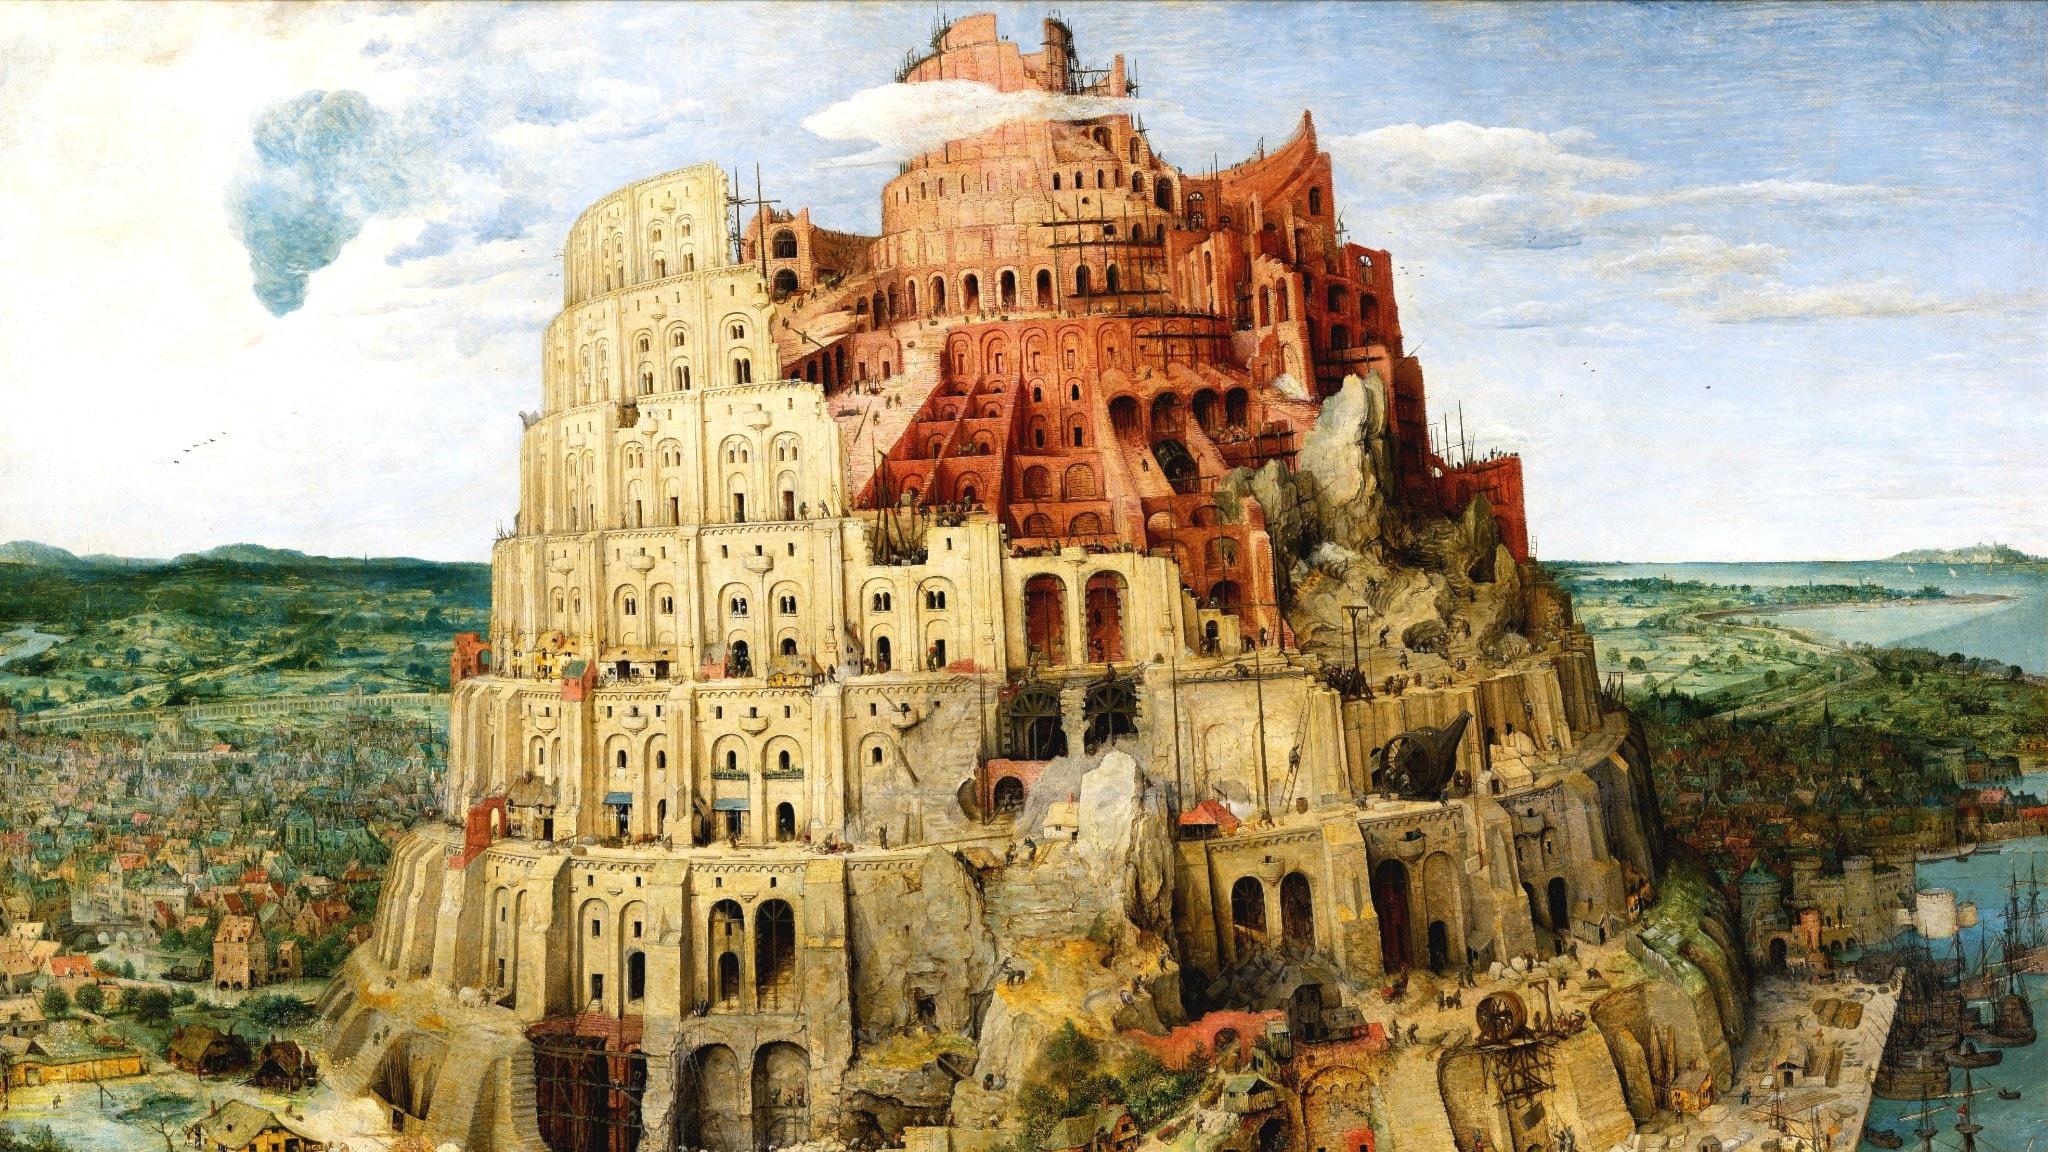 'Toren van Babel'. Pieter Bruegel (d.ä.), 1563.